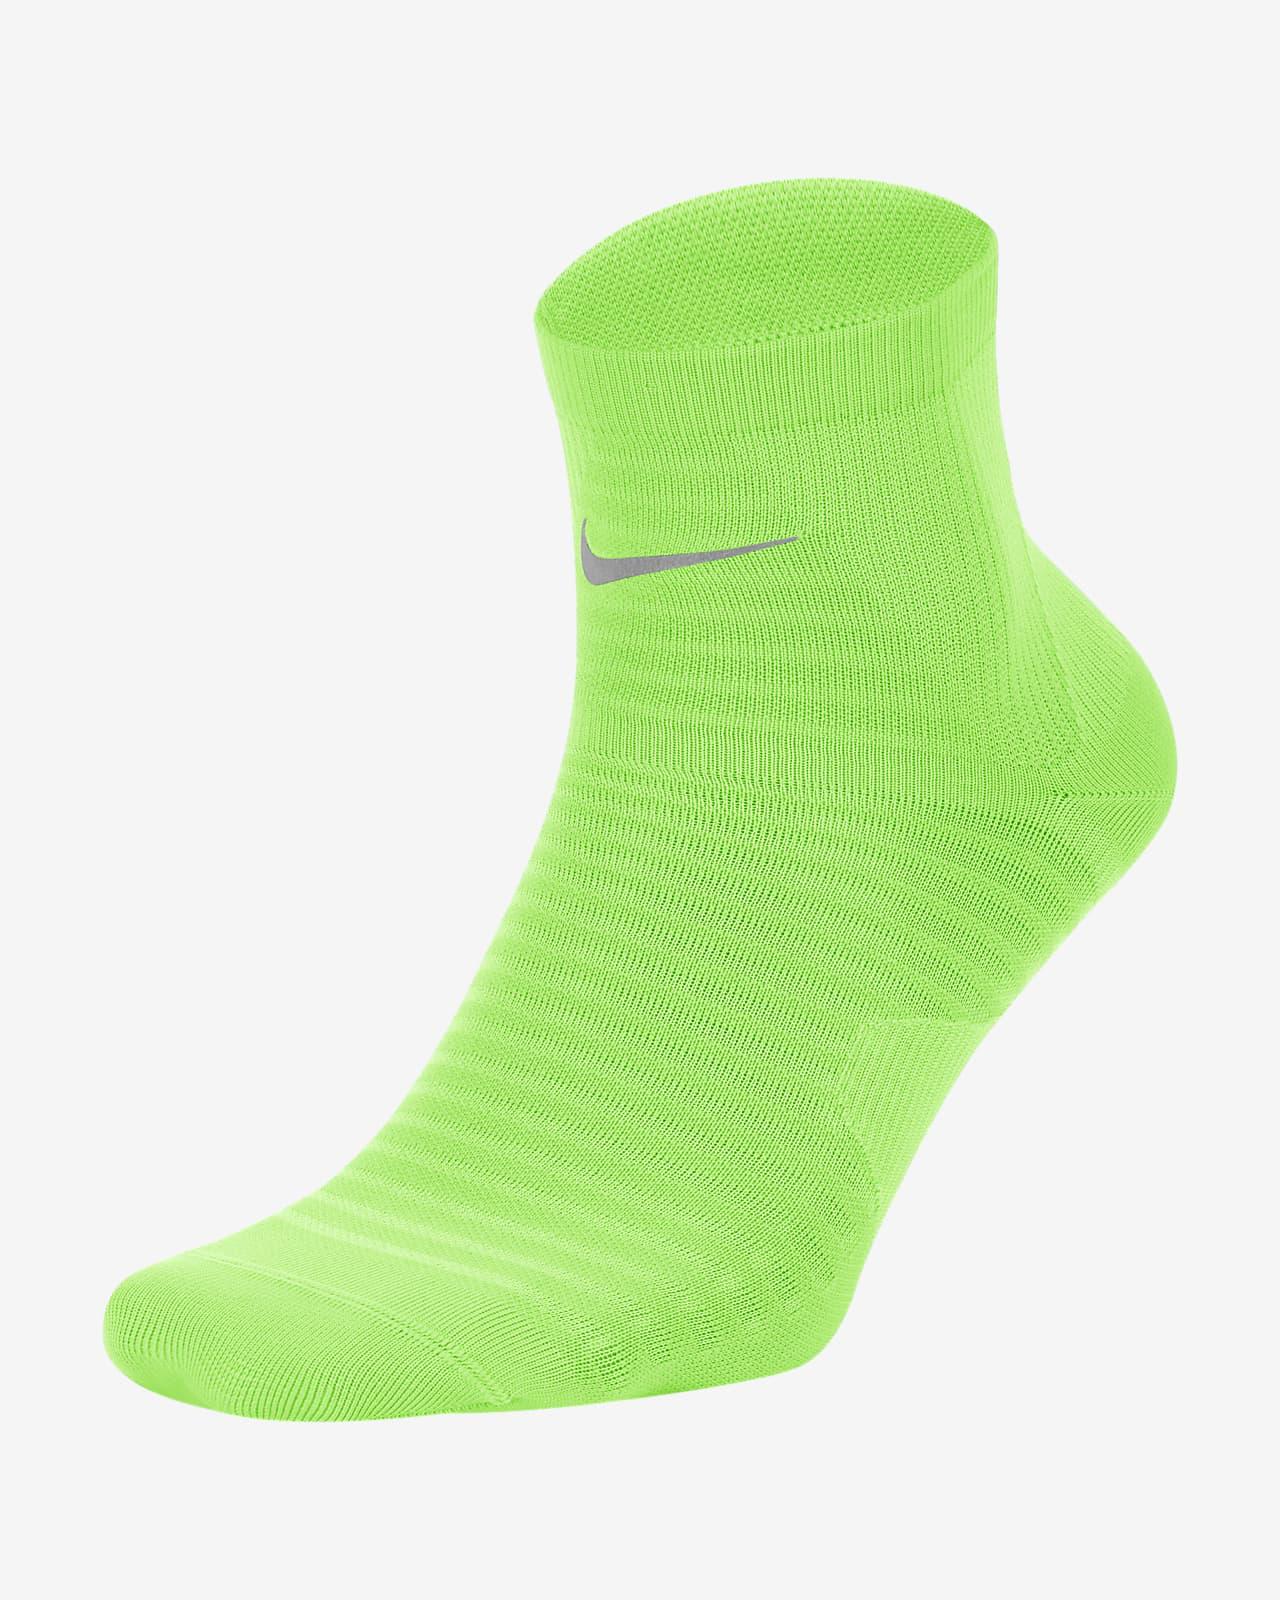 Skarpety biegowe do kostki Nike Spark Lightweight